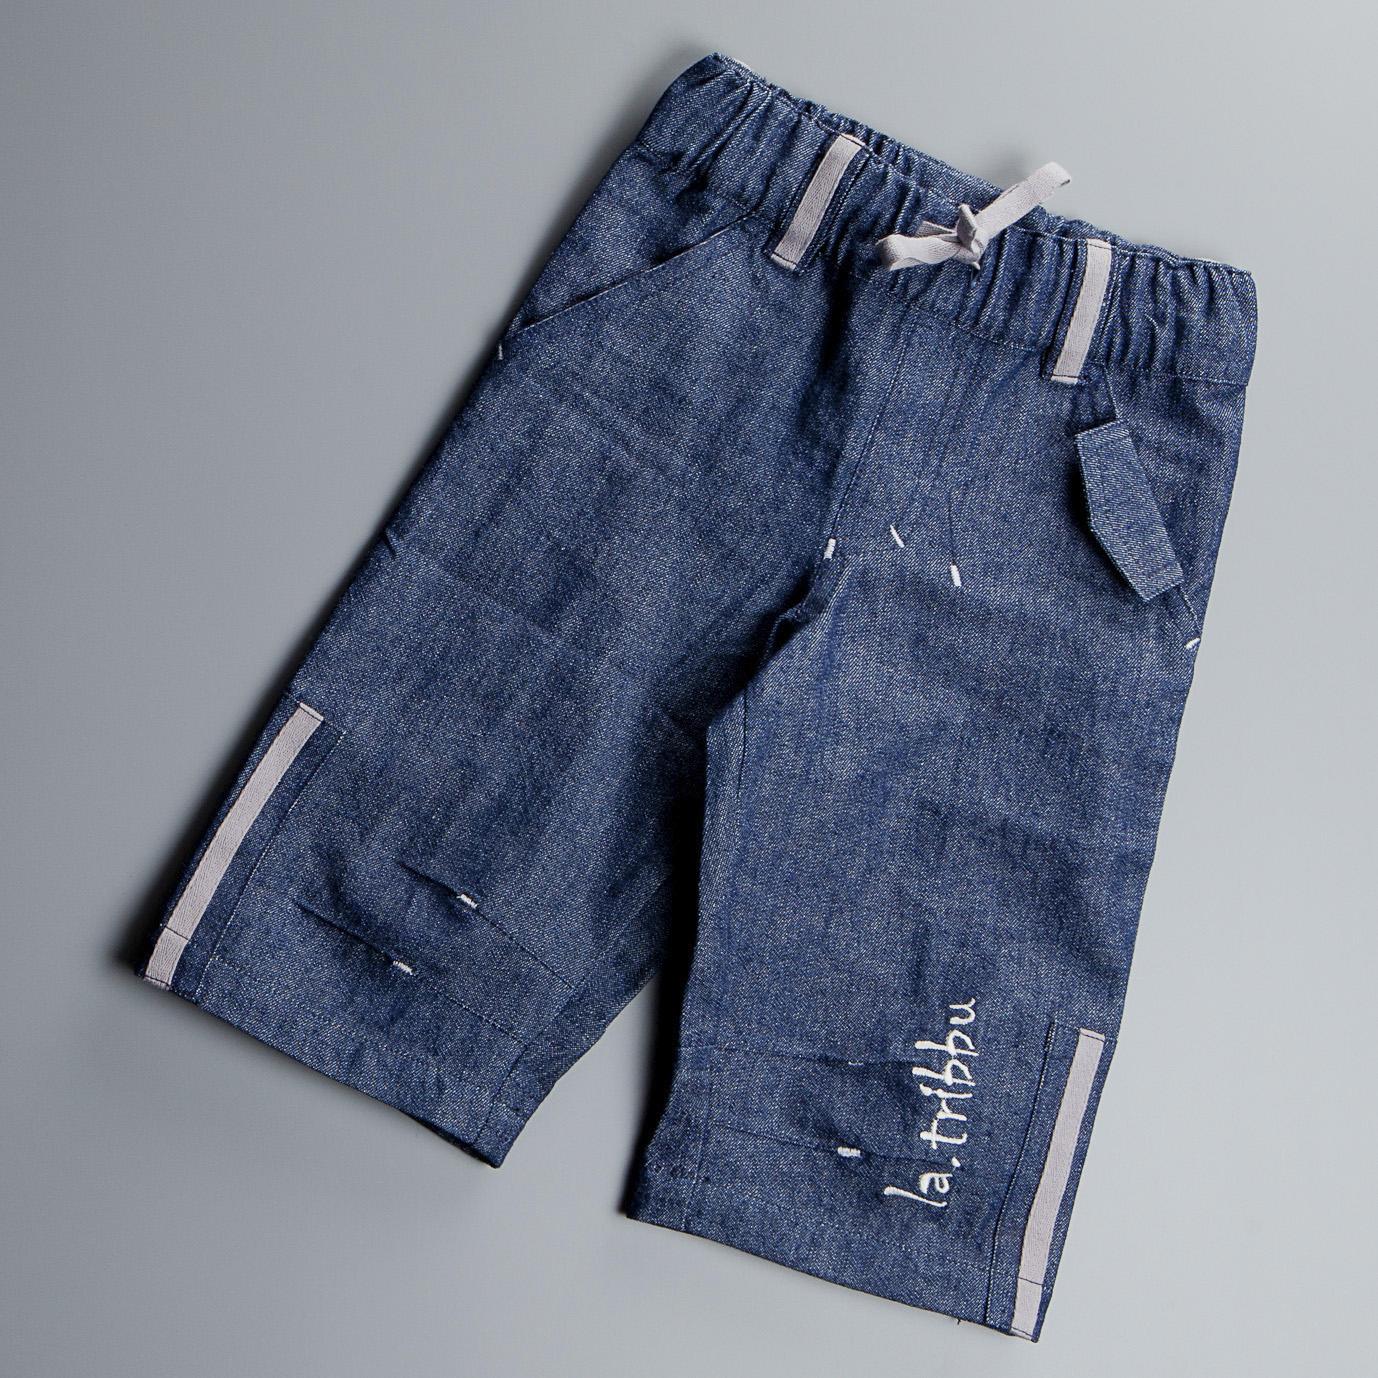 Pantalon 3/4 Coton biologique, coloris Denim